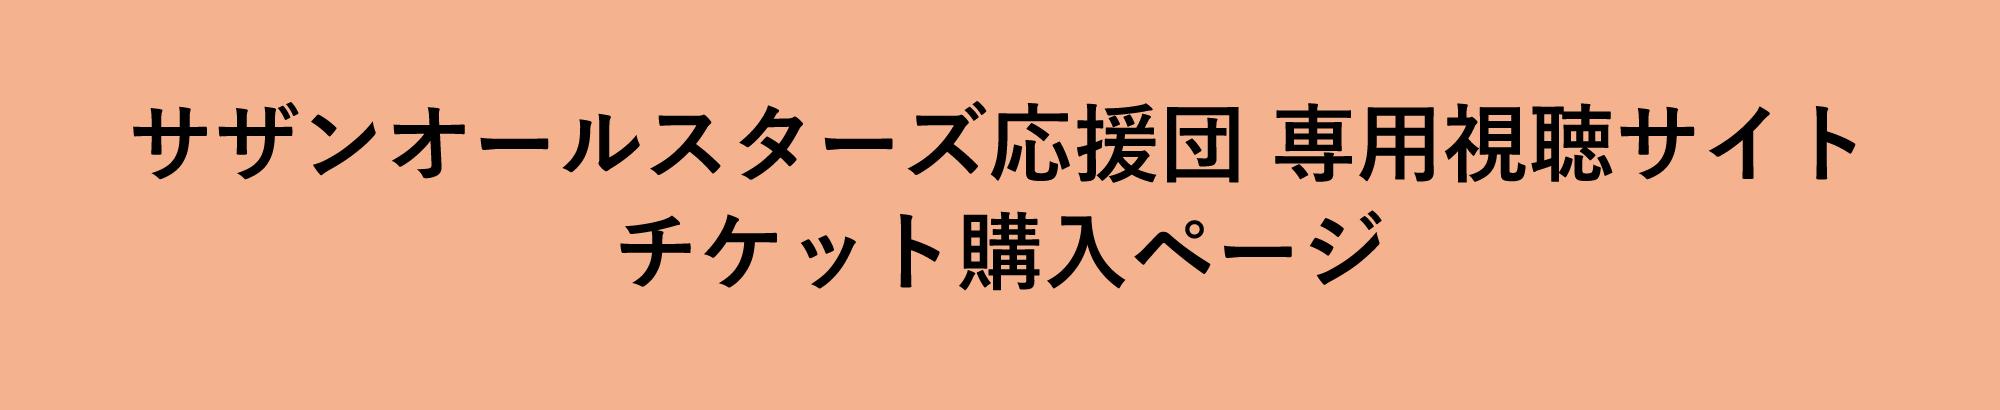 団 サザン オールスター ズ 応援